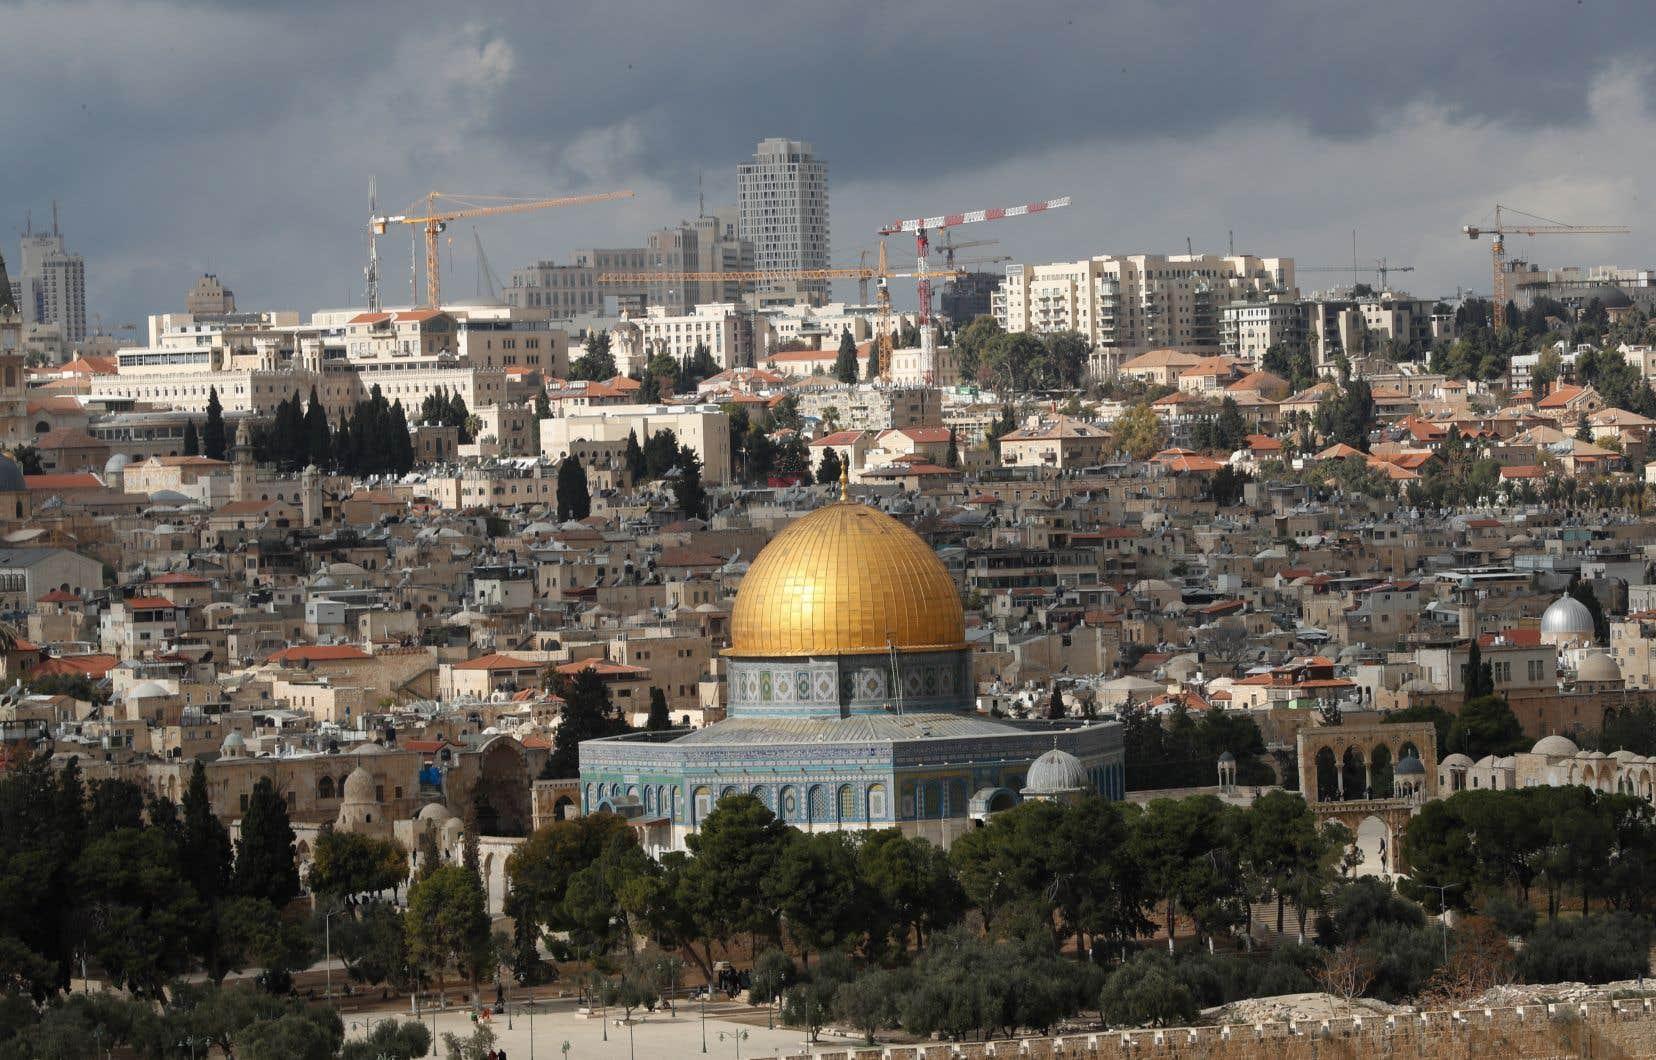 Rejeté en bloc par les Palestiniens, le plan américain présente plusieurs points sensibles, le premier étant l'annexion par l'État hébreu de colonies israéliennes et le second l'établissement de Jérusalem (notre photo) comme «capitale indivisible d'Israël».